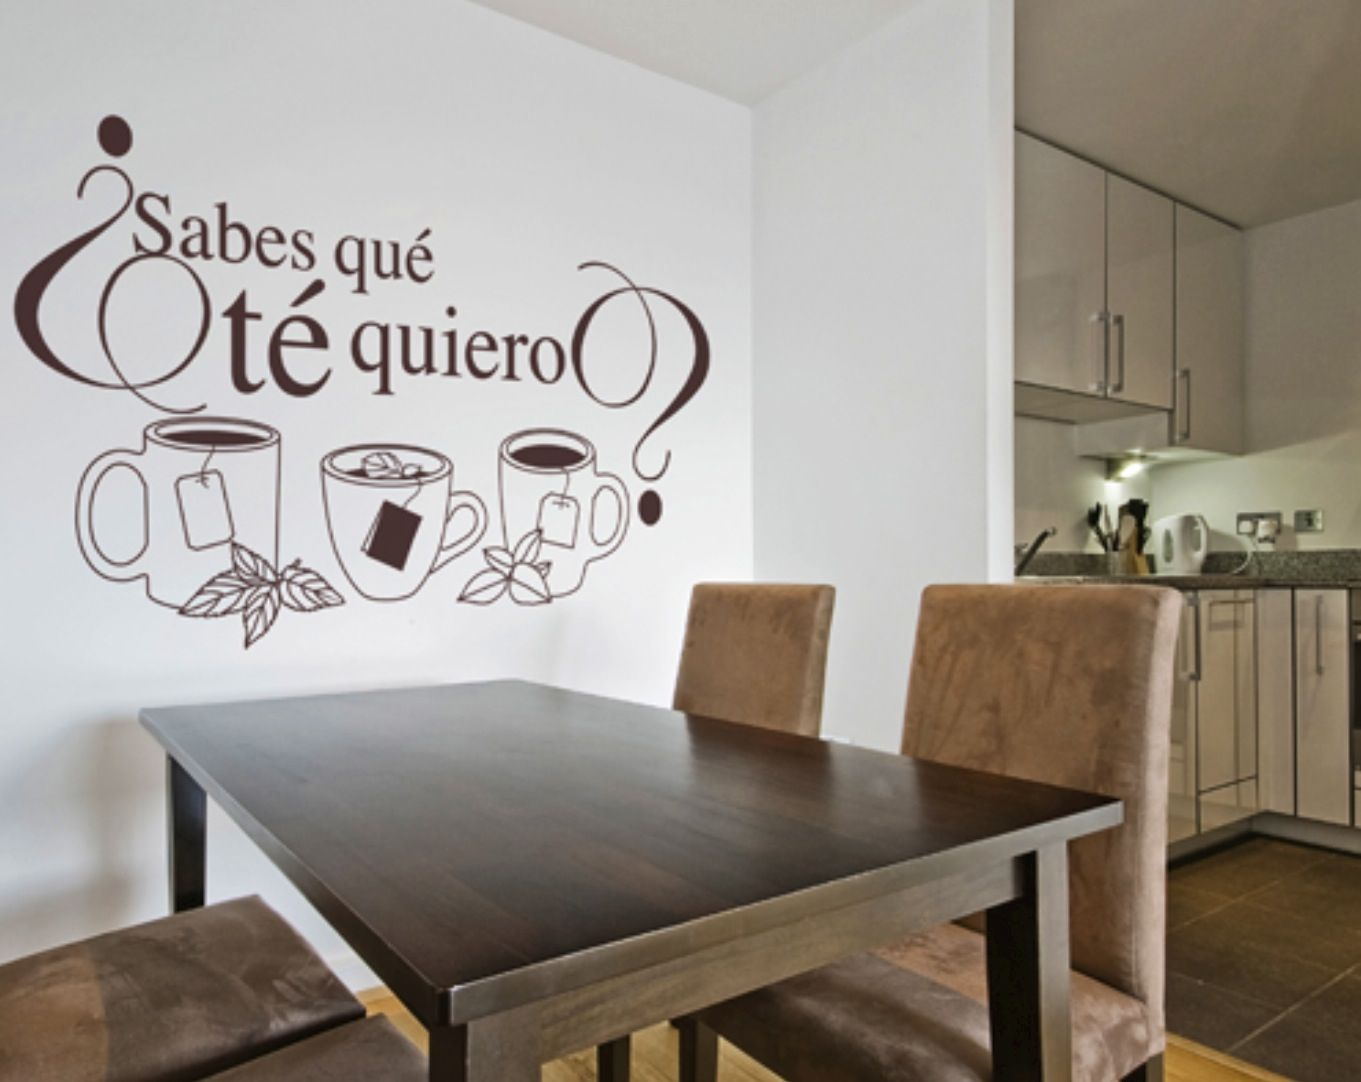 Sabes qué TÉ quiero? | Cosas I Love | Pinterest | Quiero, Cocinas y ...